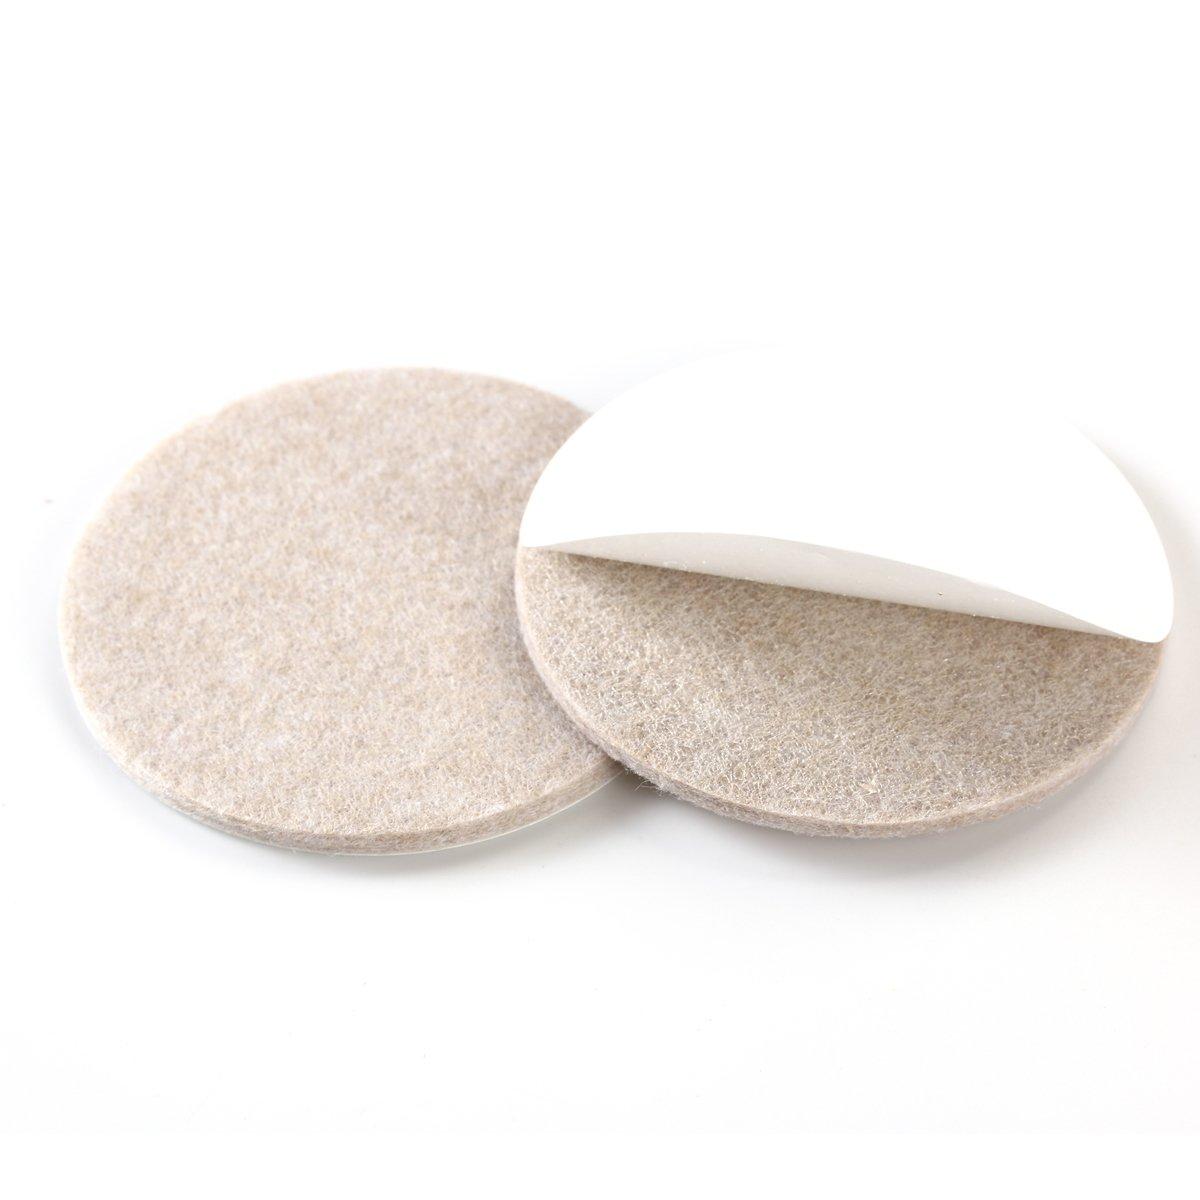 BESTOMZ 8pcs Patin Antid/érapant Meuble Patins Ronds en feutre 8,5 cm pour protecteur du sol pour pied de chhaise pied de table et pied de canap/é